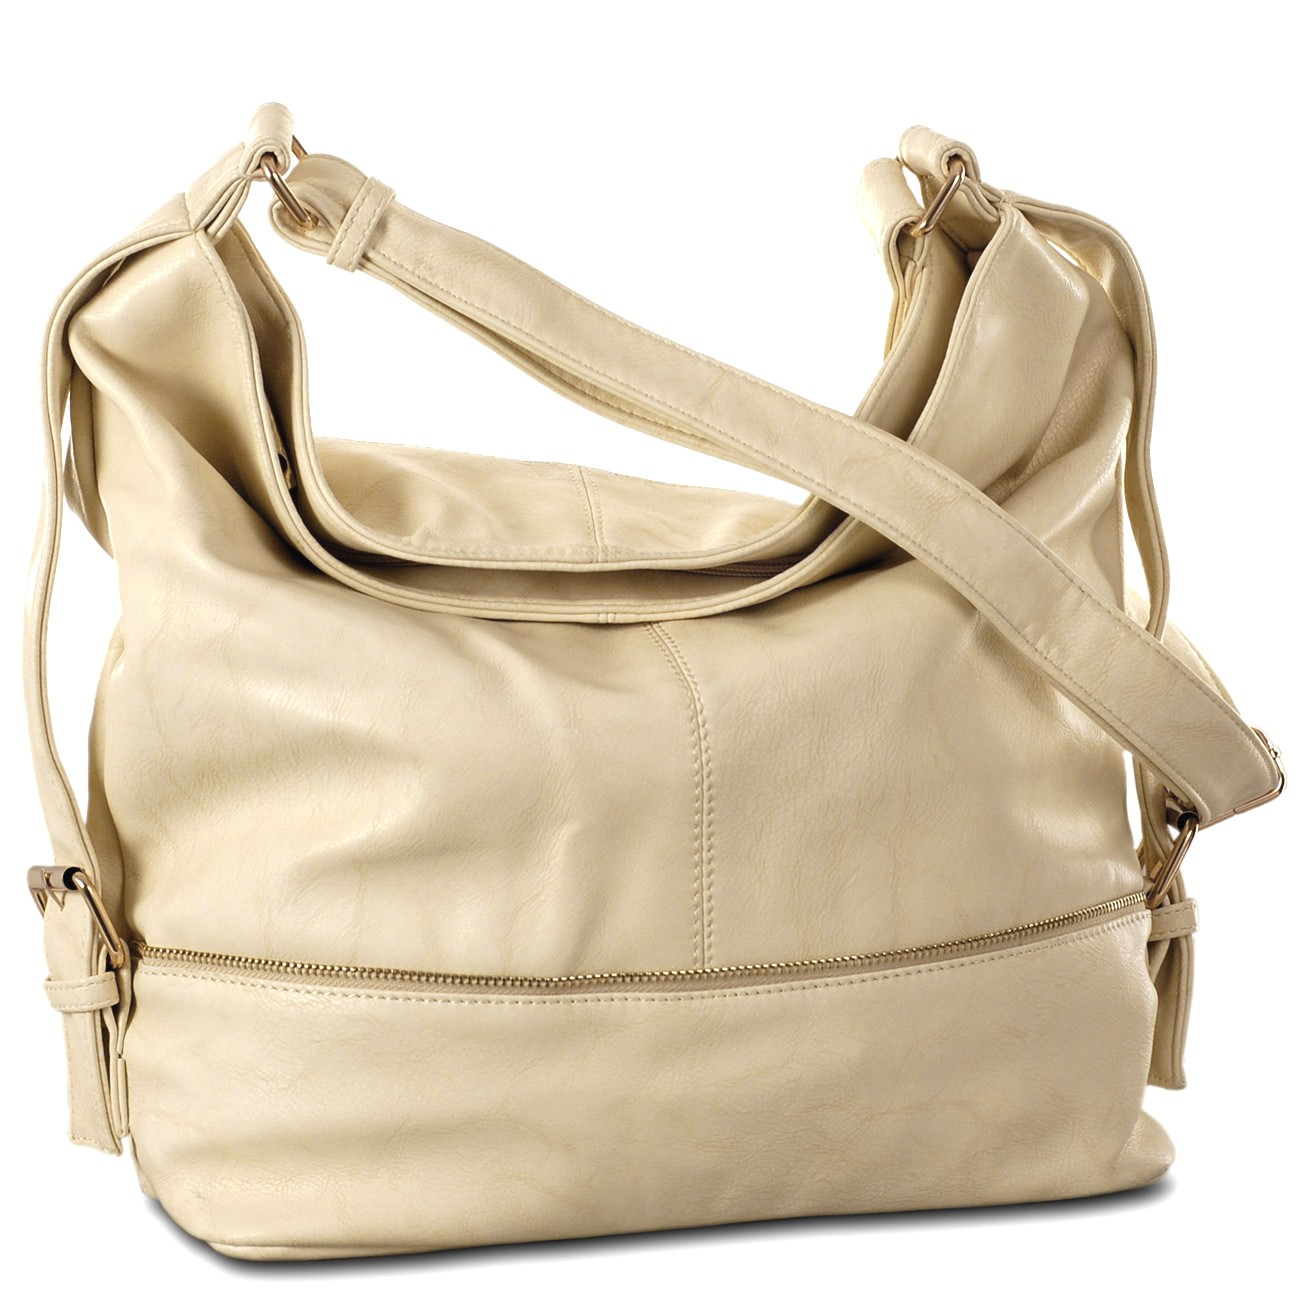 MCM Damen Tasche Handtasche Umhängetasche beige creme